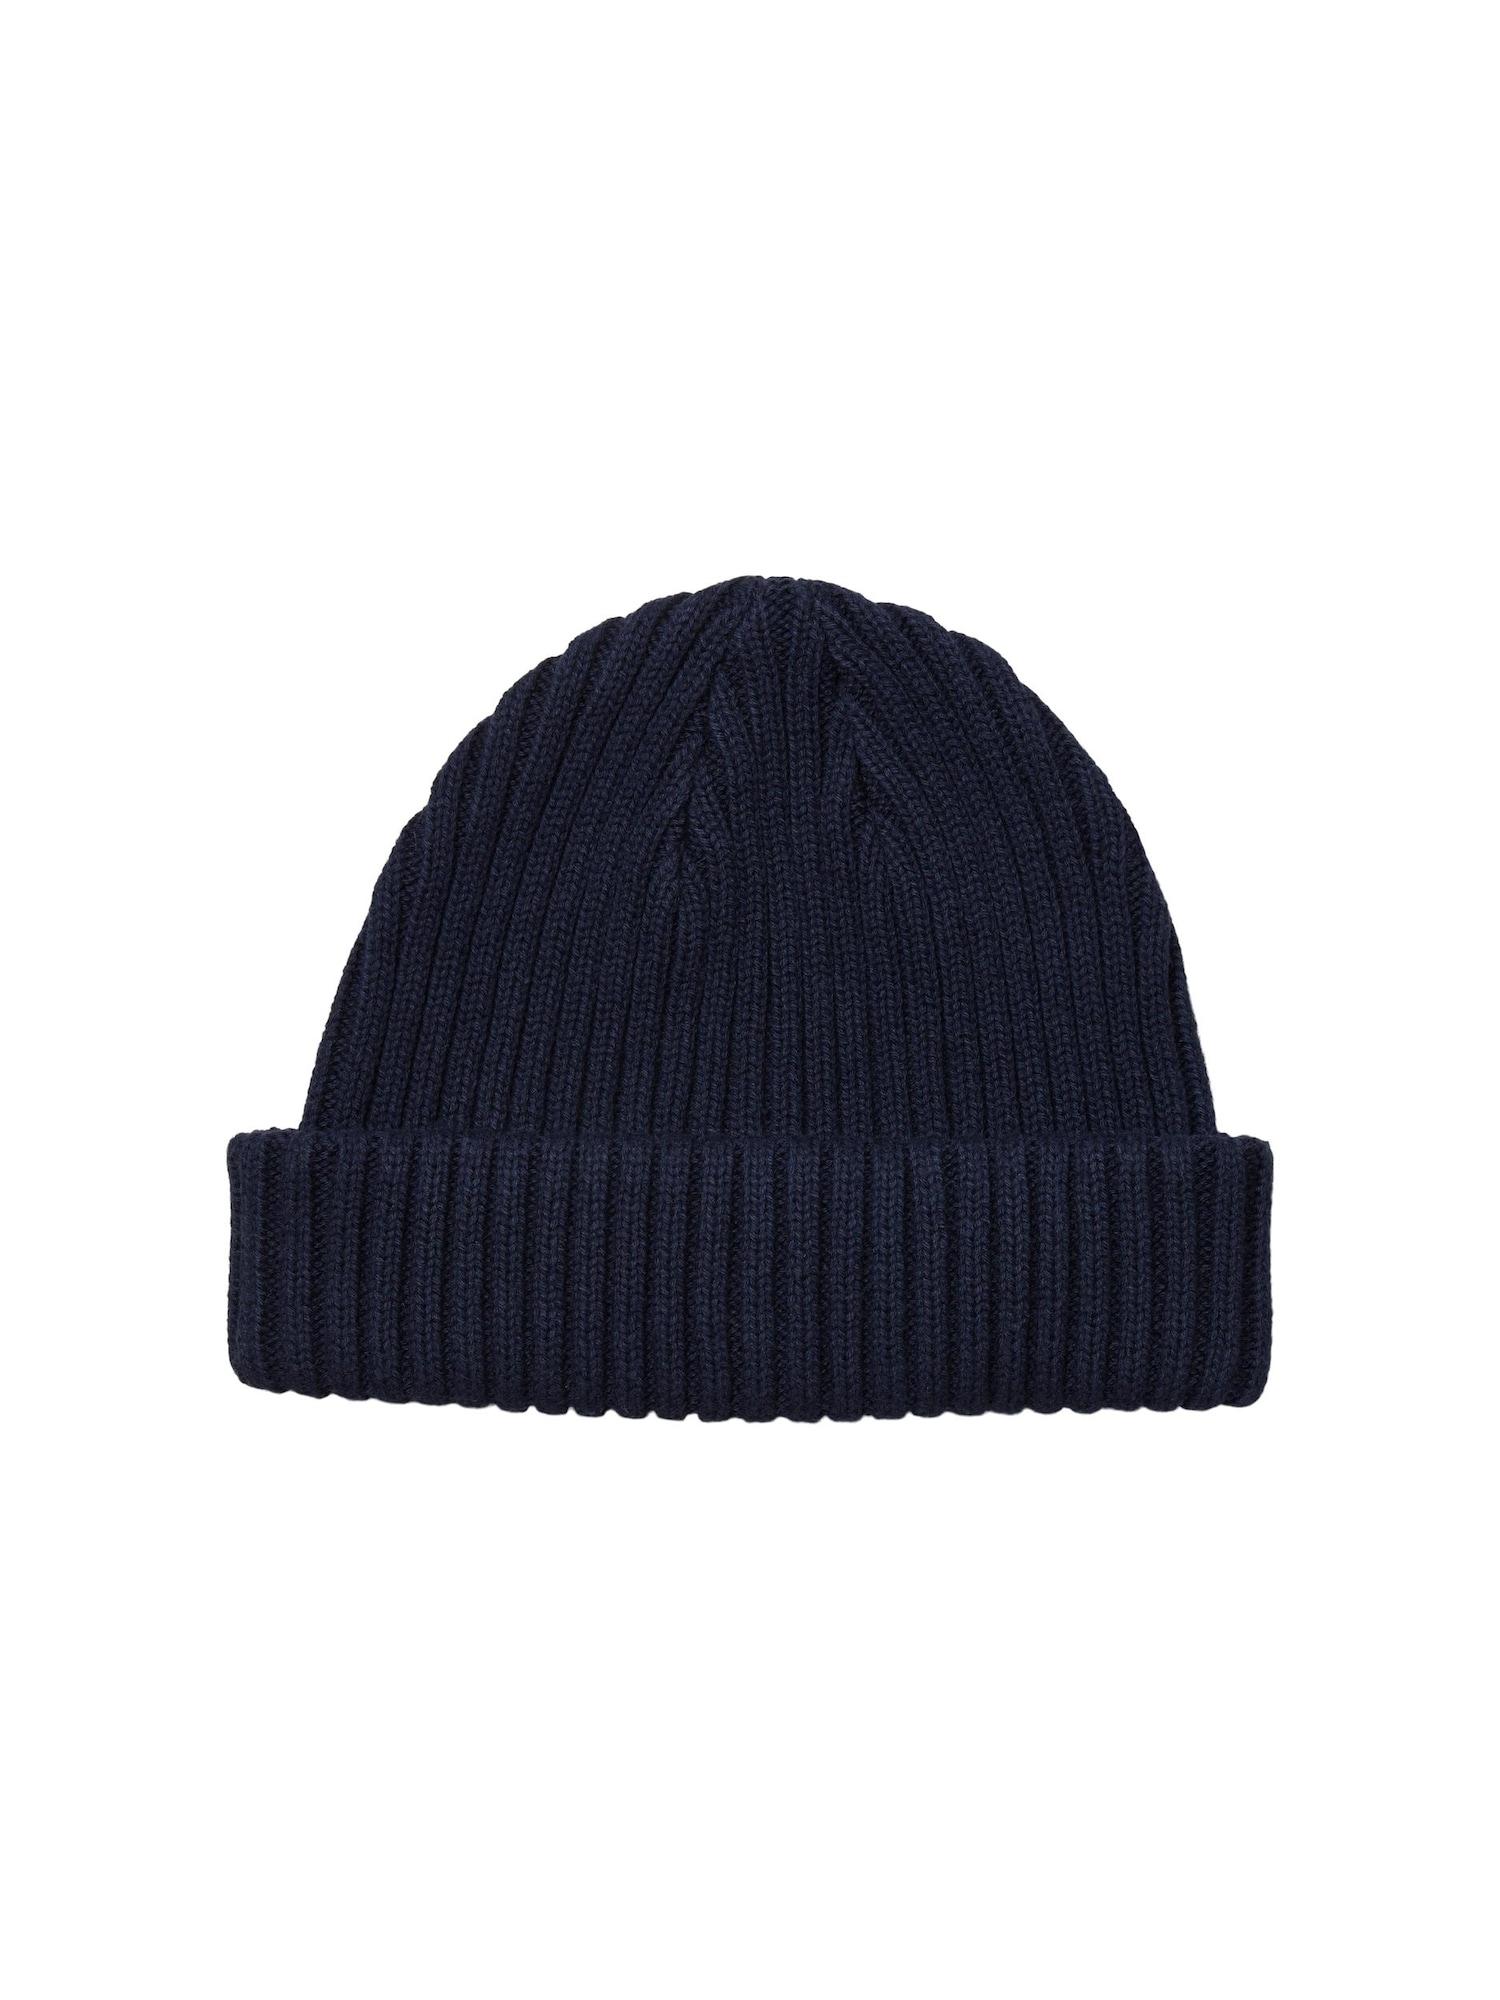 SELECTED HOMME Megzta kepurė